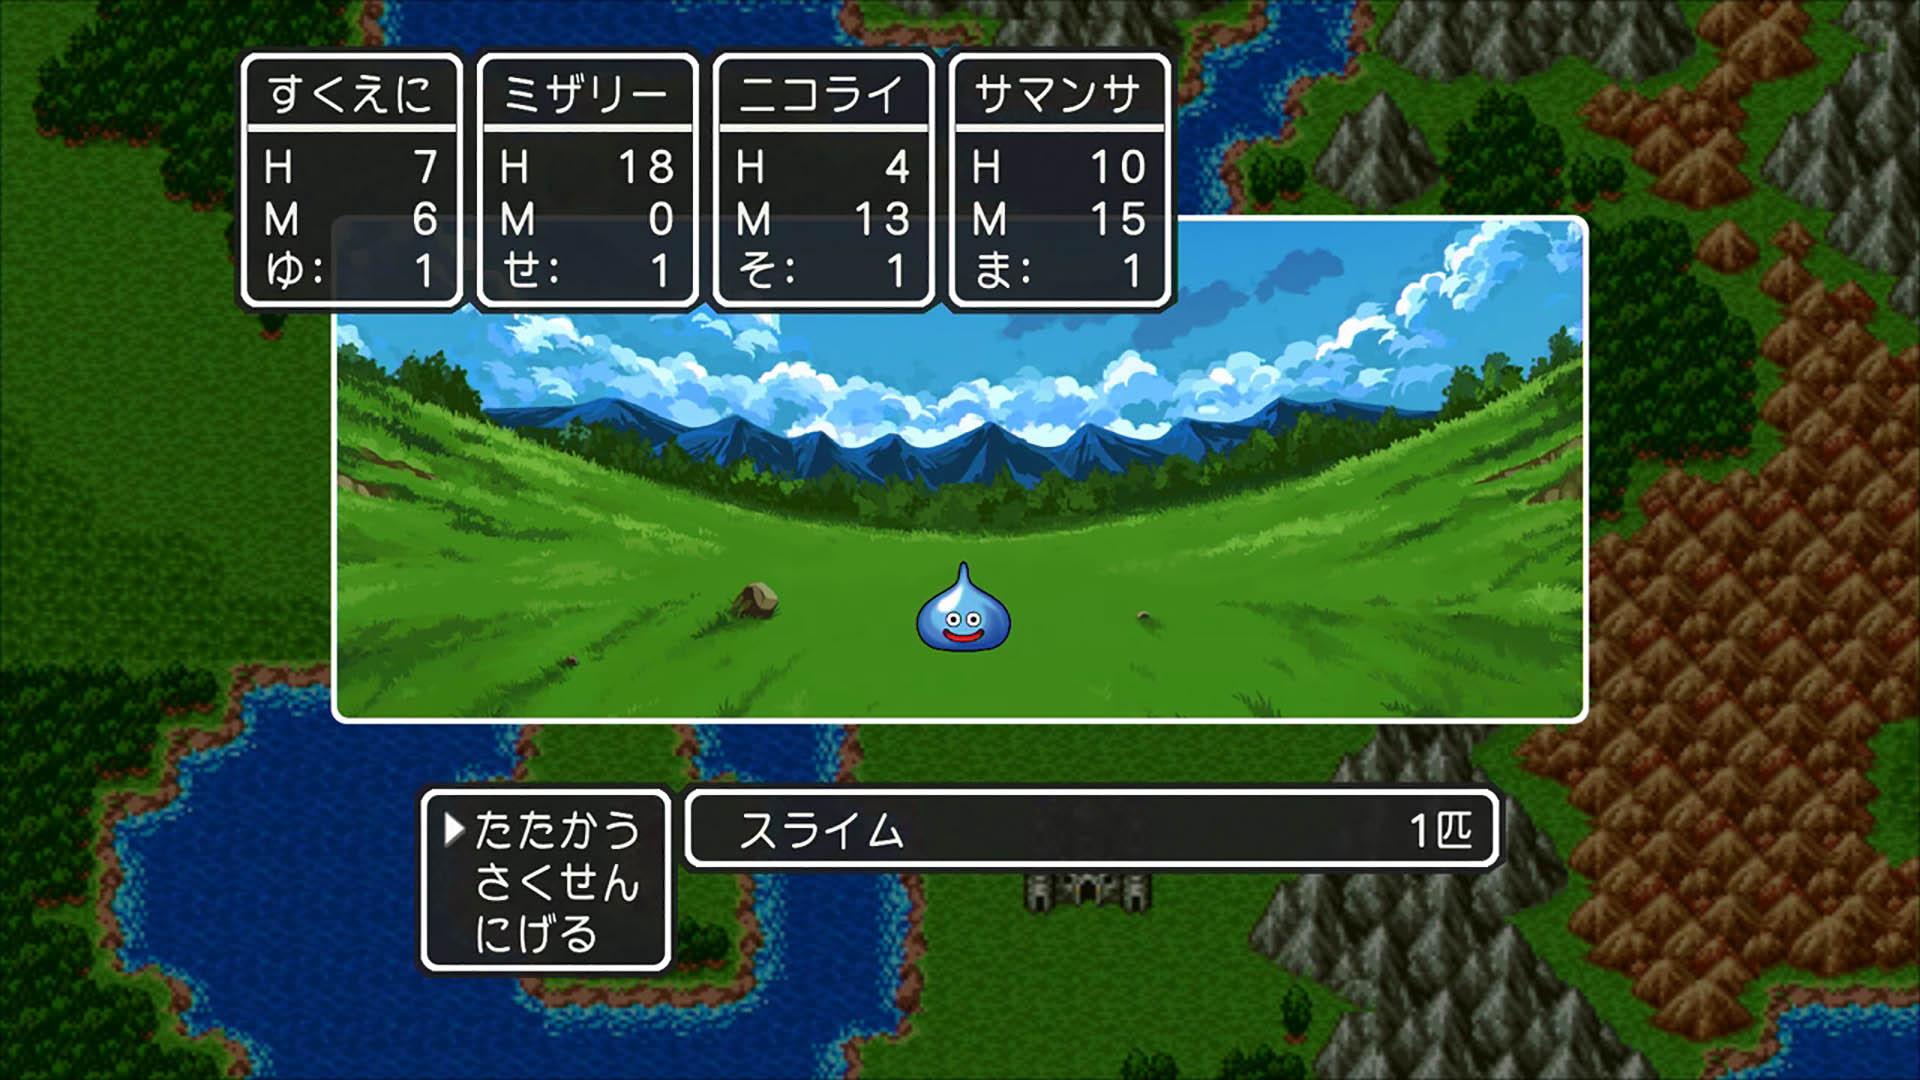 ドラゴンクエストIII そして伝説へ…[PS4] - 4Gamer.net